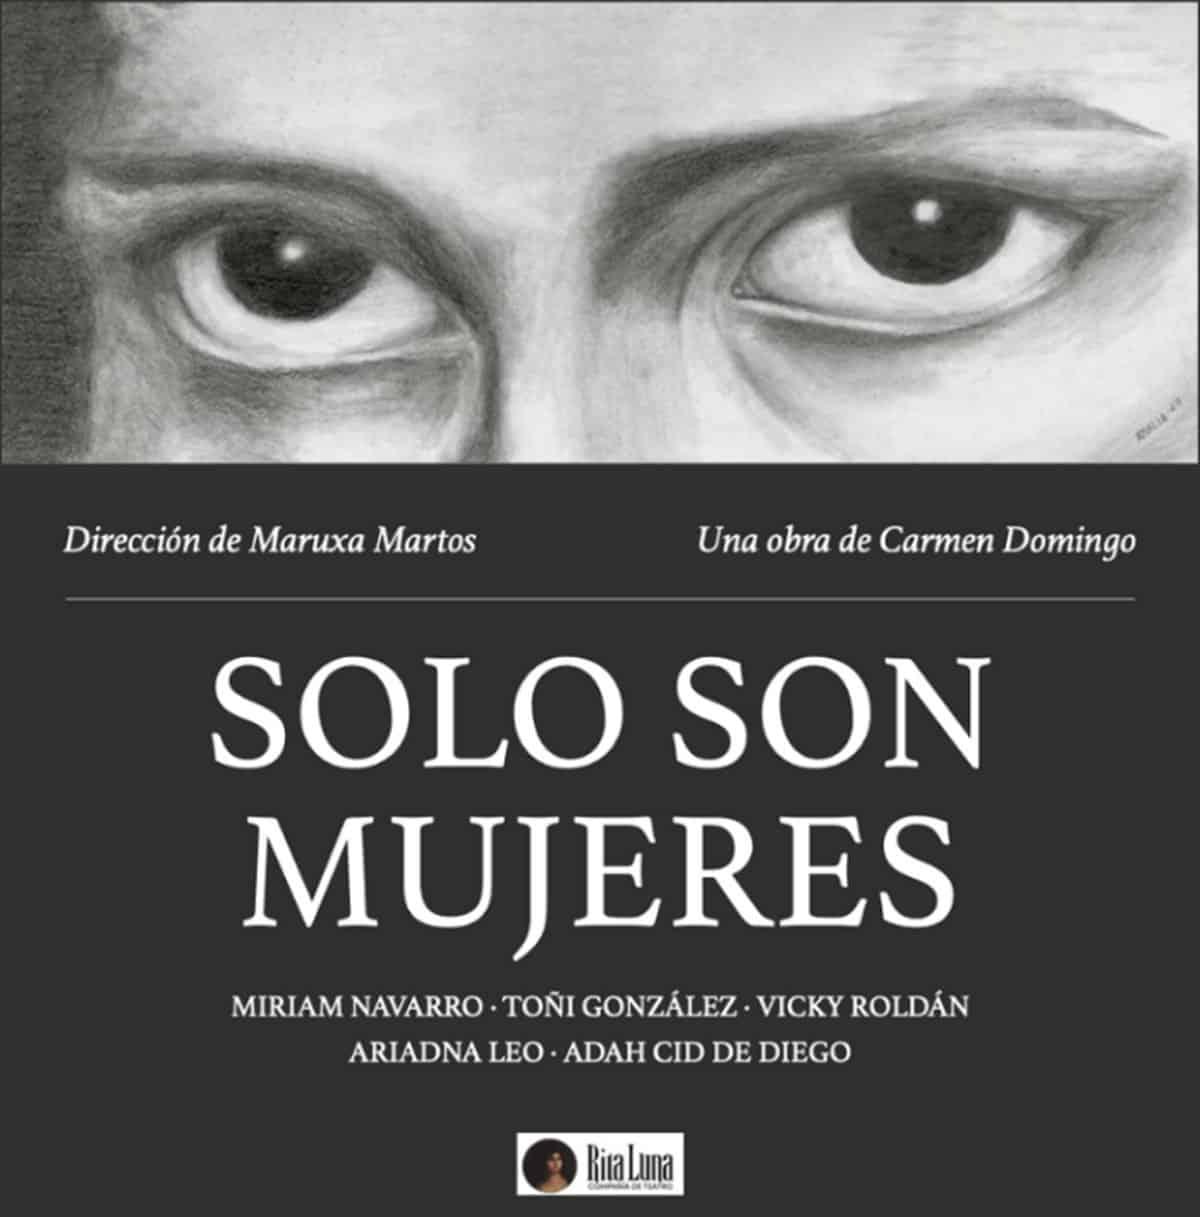 solo-son-mujeres-teatro-rita-luna-ibiza-welcometoibiza